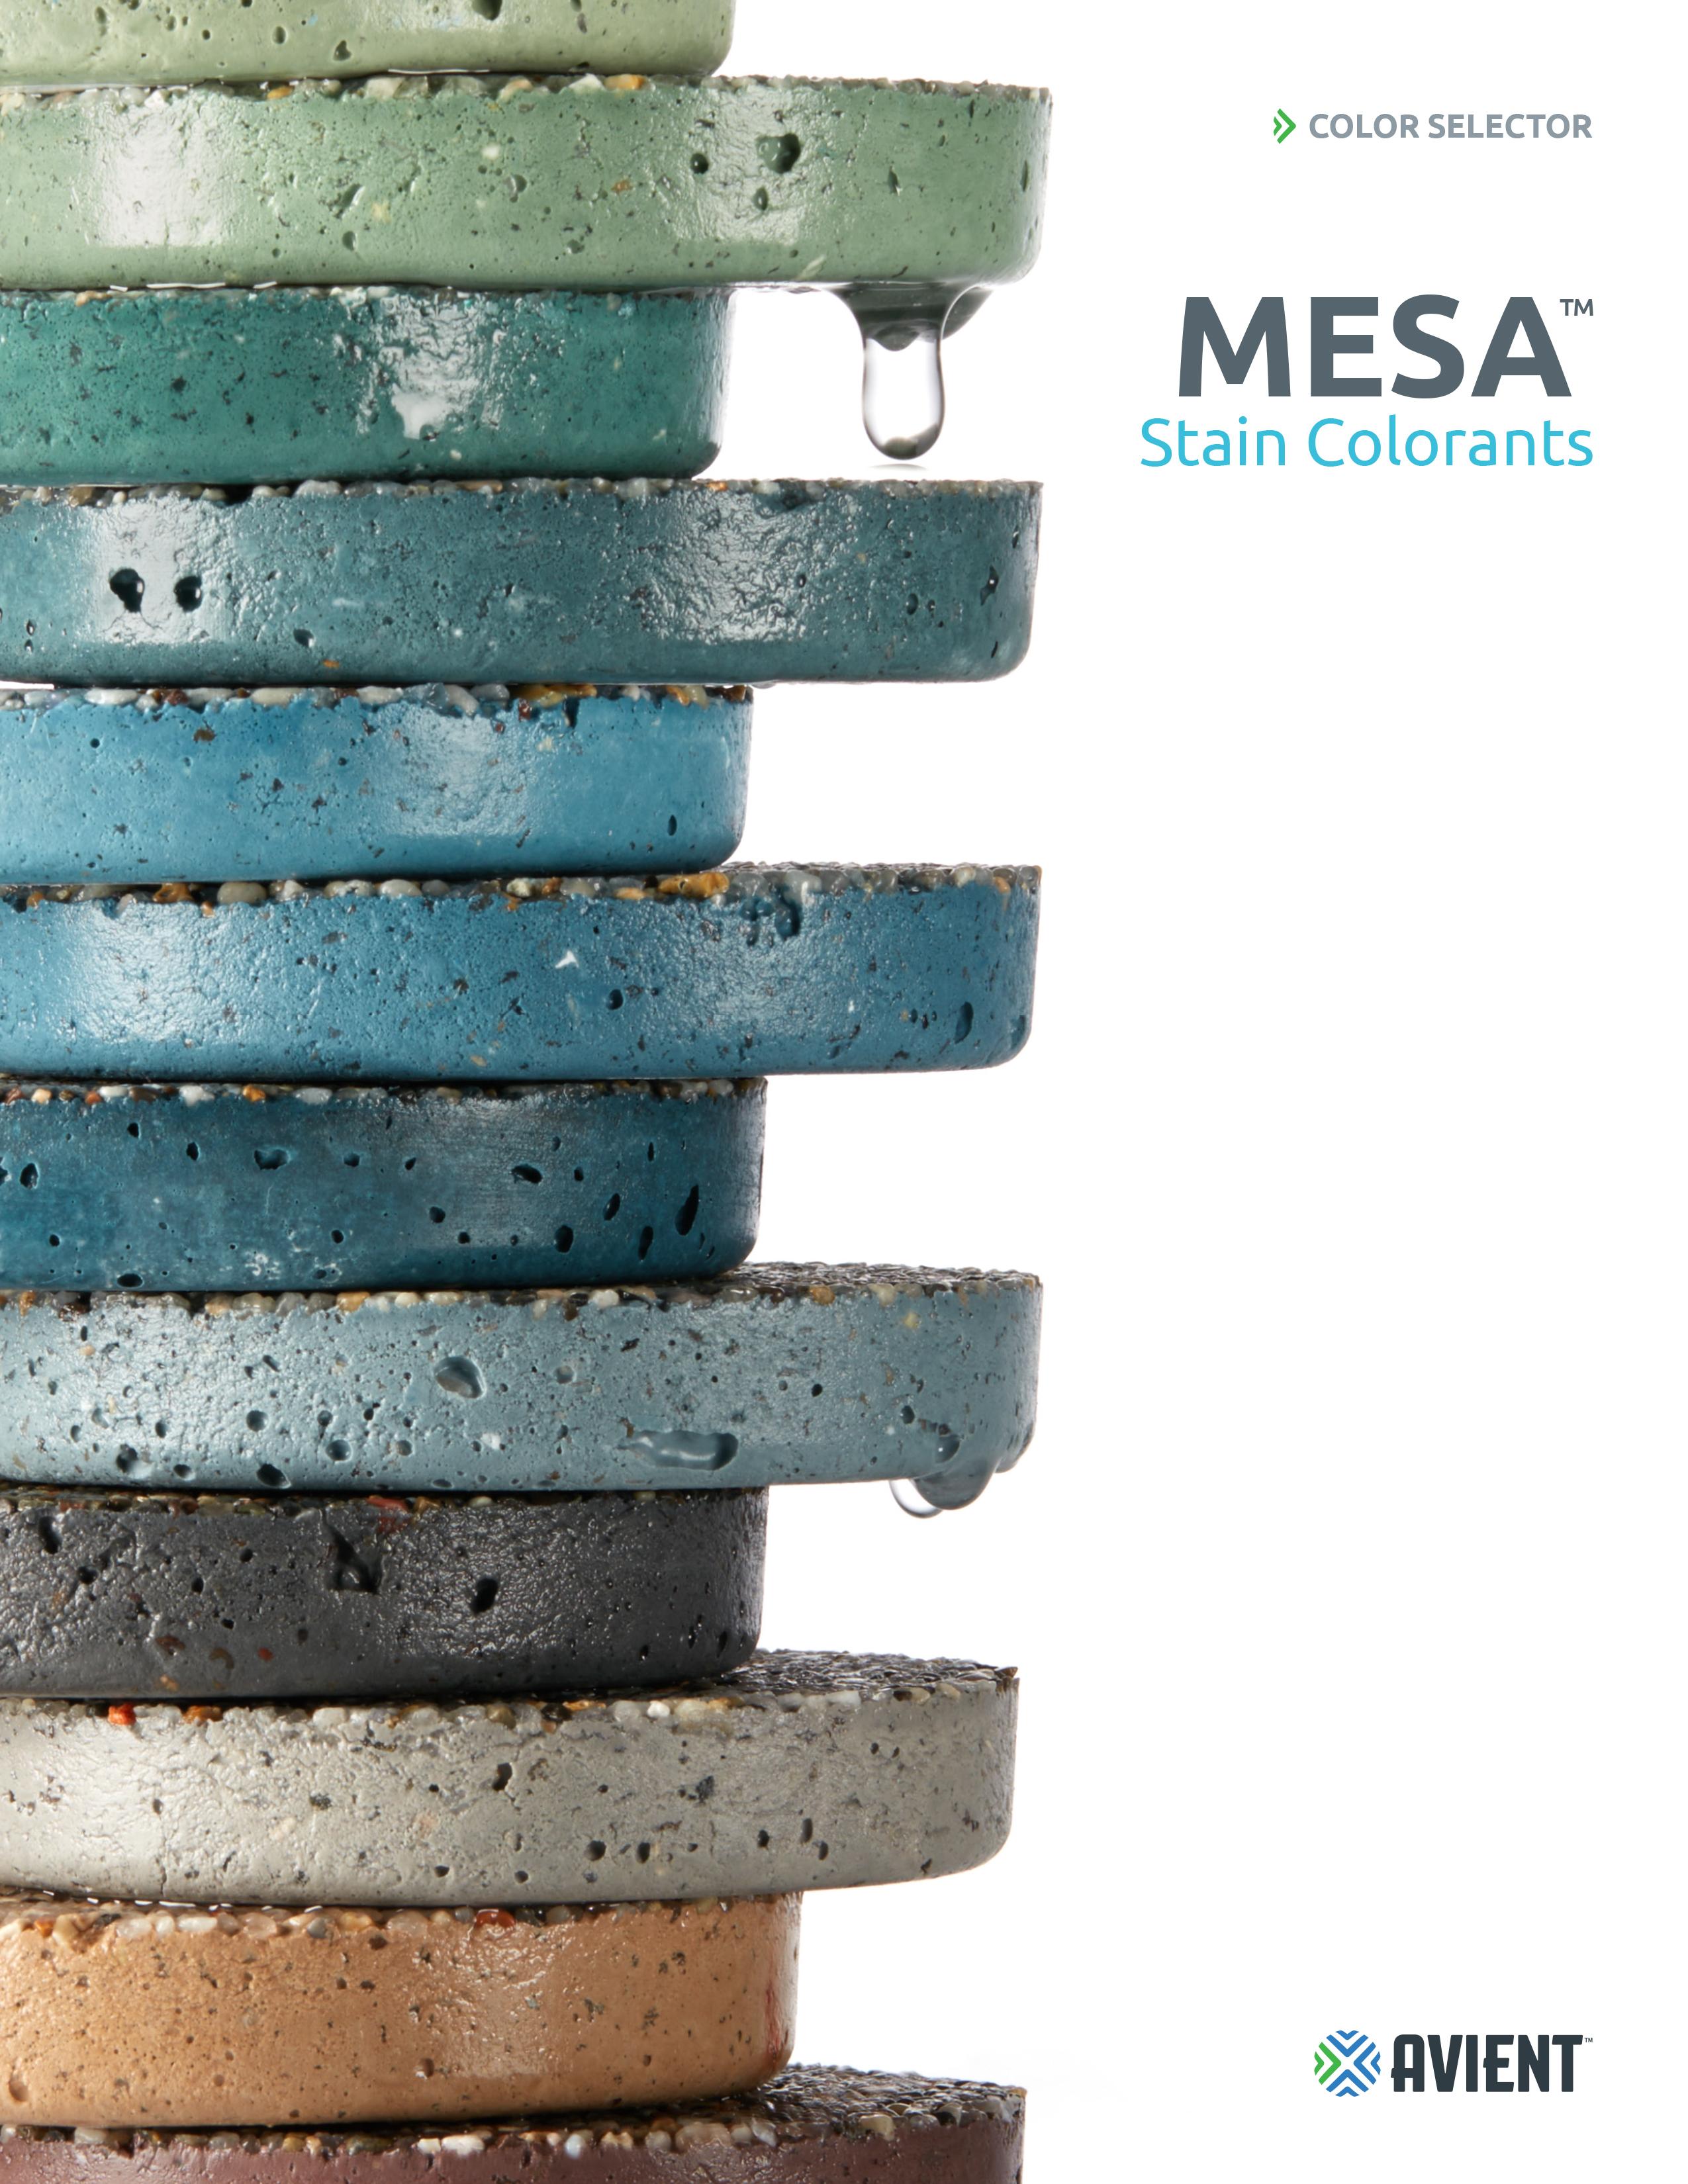 Mesa Pool Colorants Brochure